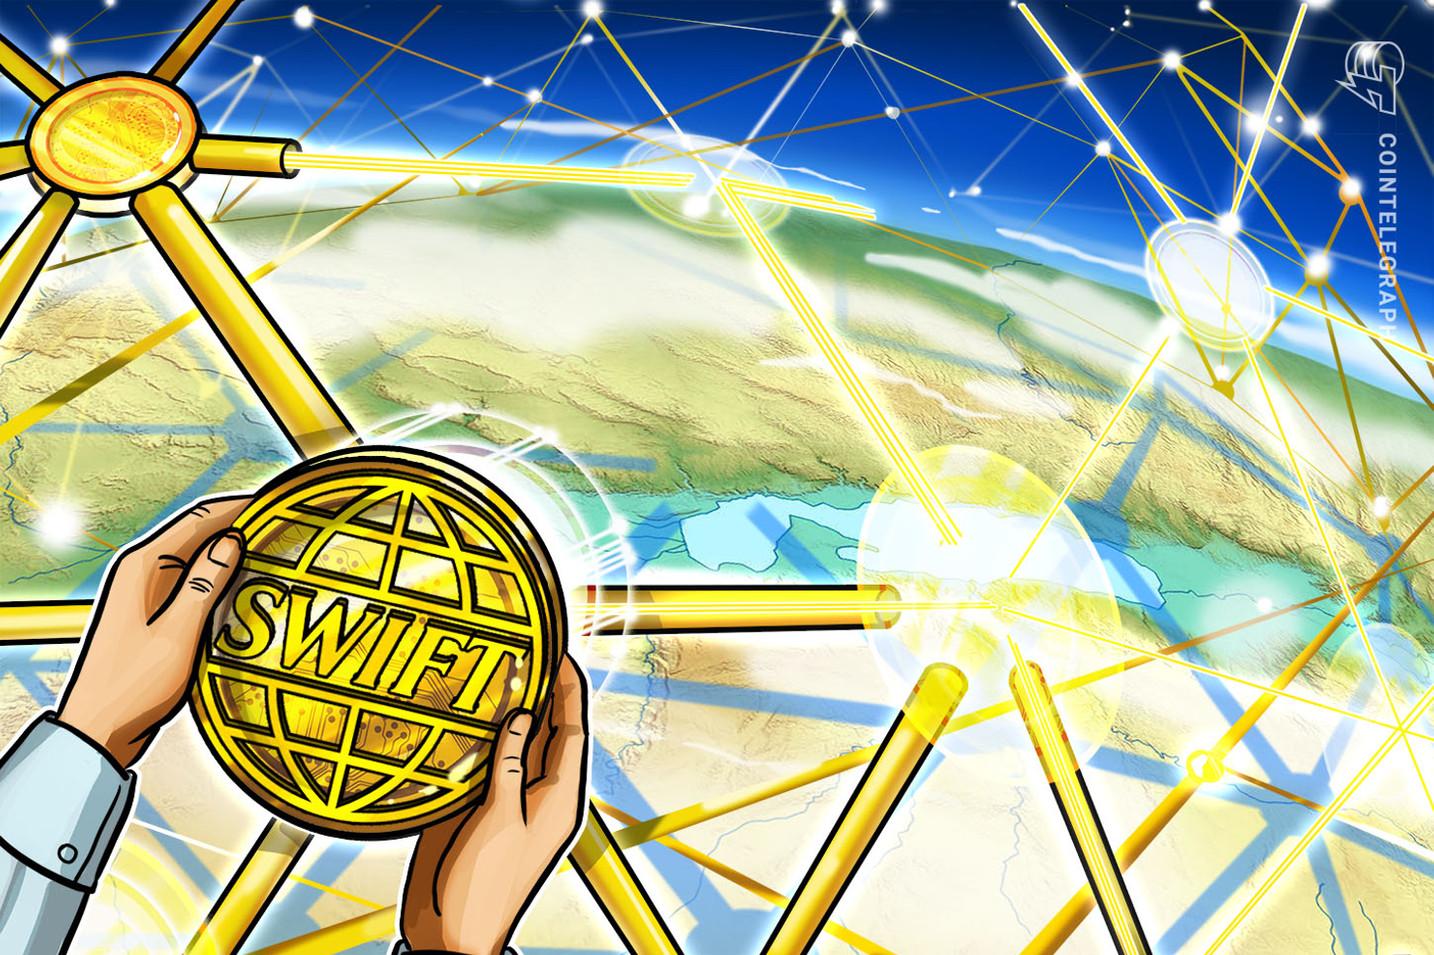 SWIFT: ¿Quién controla nuestras transacciones bancarias y por qué debe desaparecer?